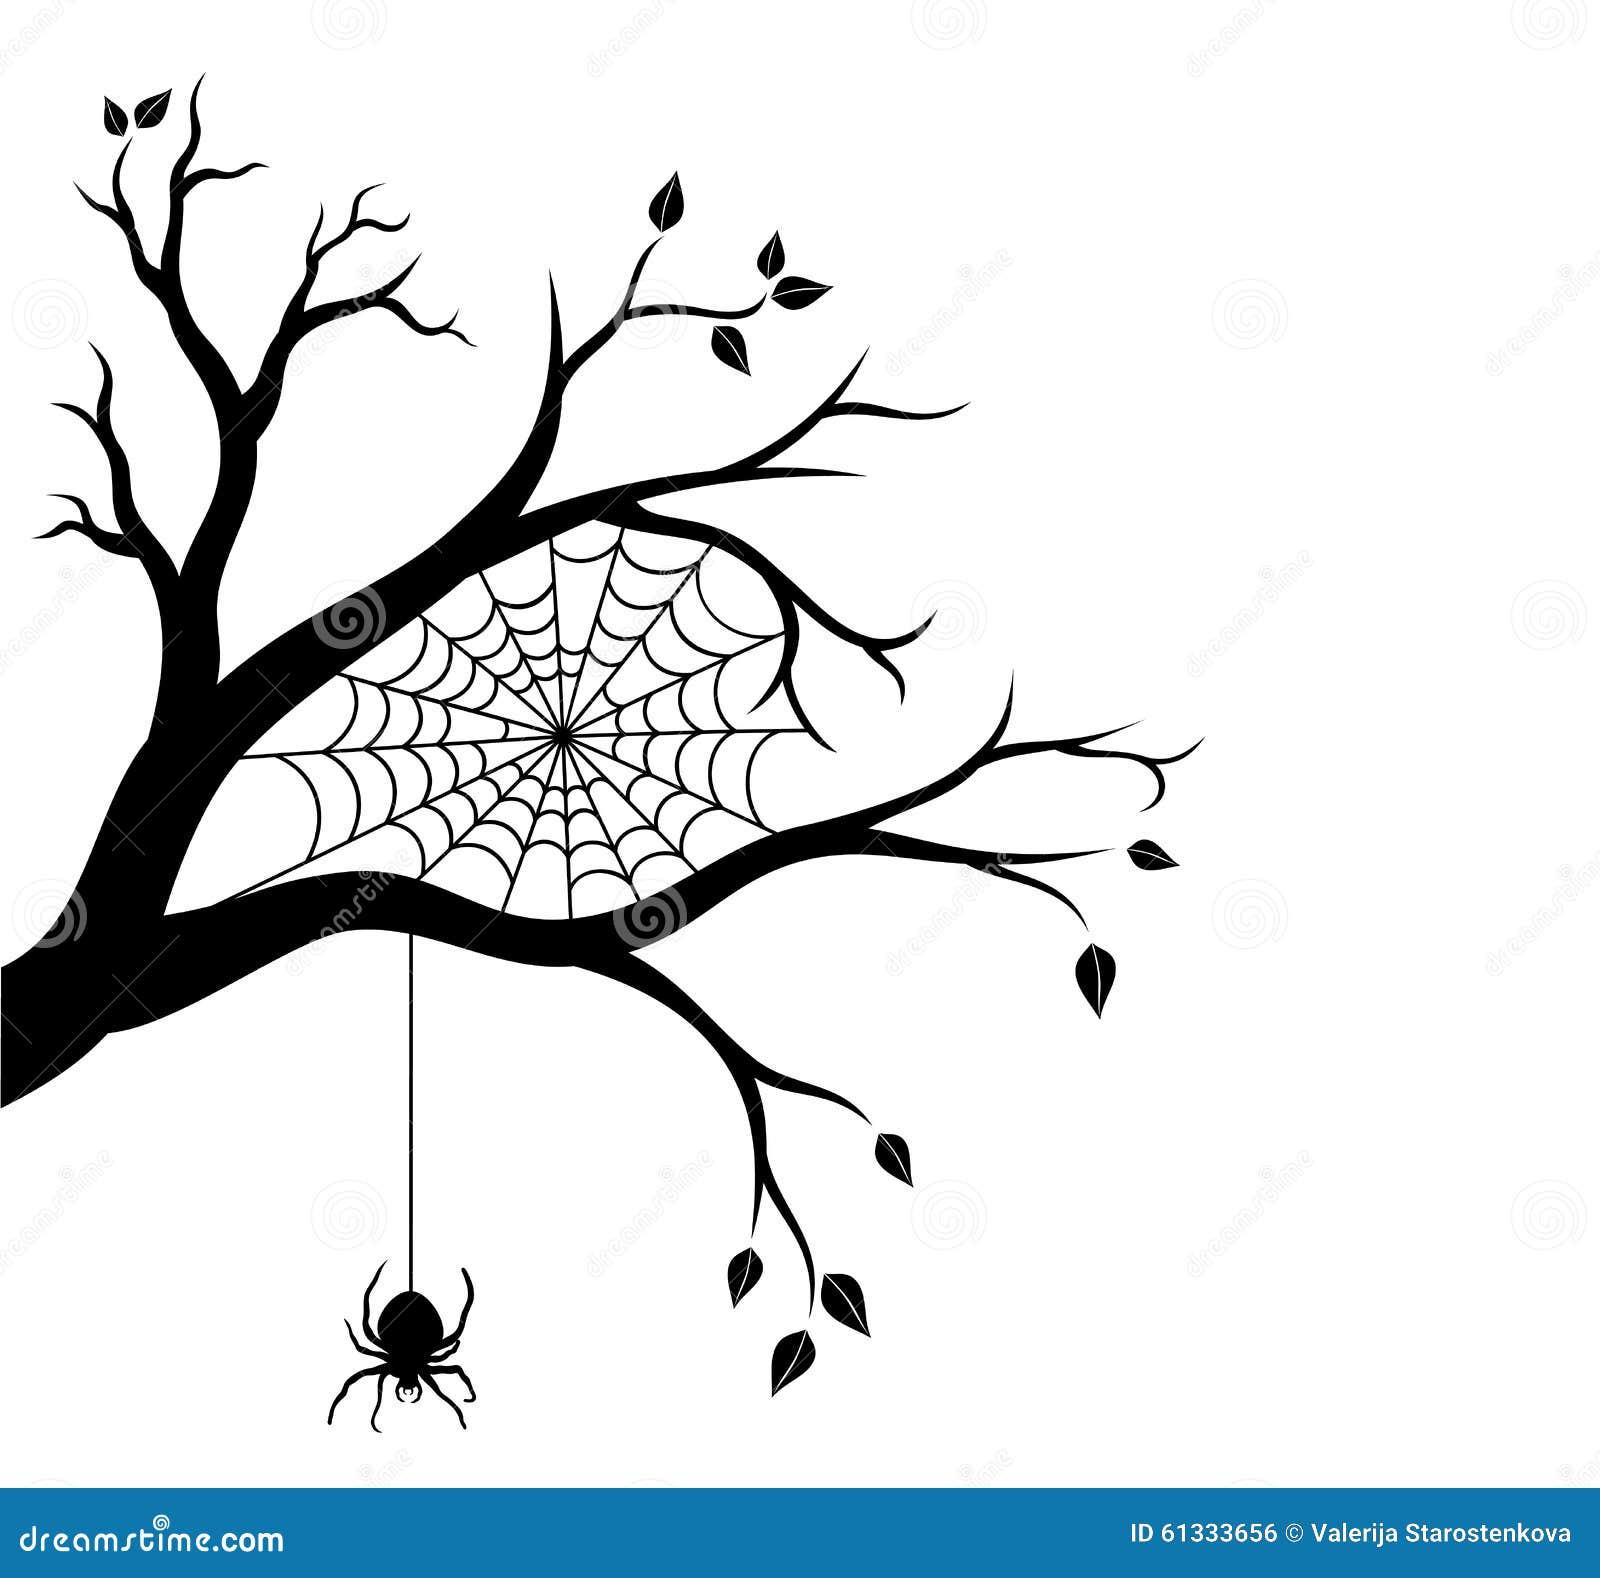 branche d 39 arbre de halloween et toile d 39 araign e illustration de vecteur illustration du. Black Bedroom Furniture Sets. Home Design Ideas